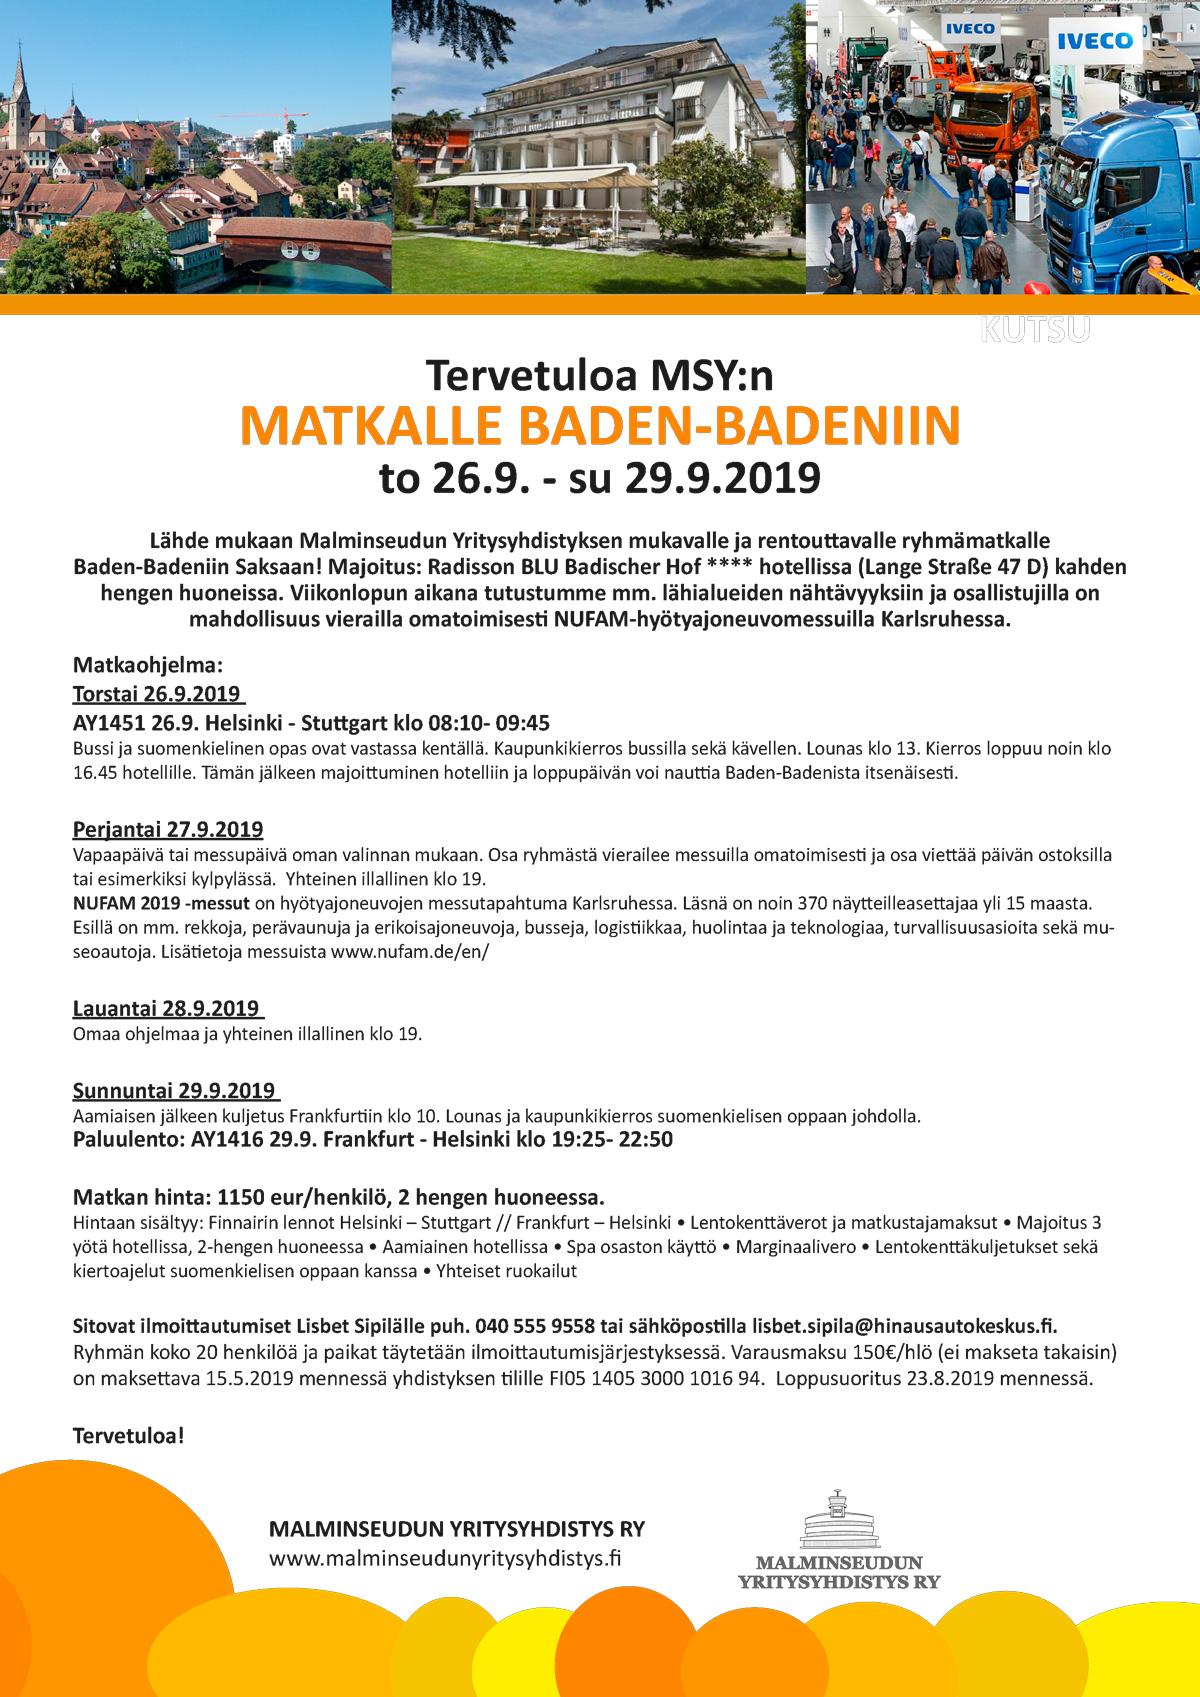 MSY Baden-Baden 2019